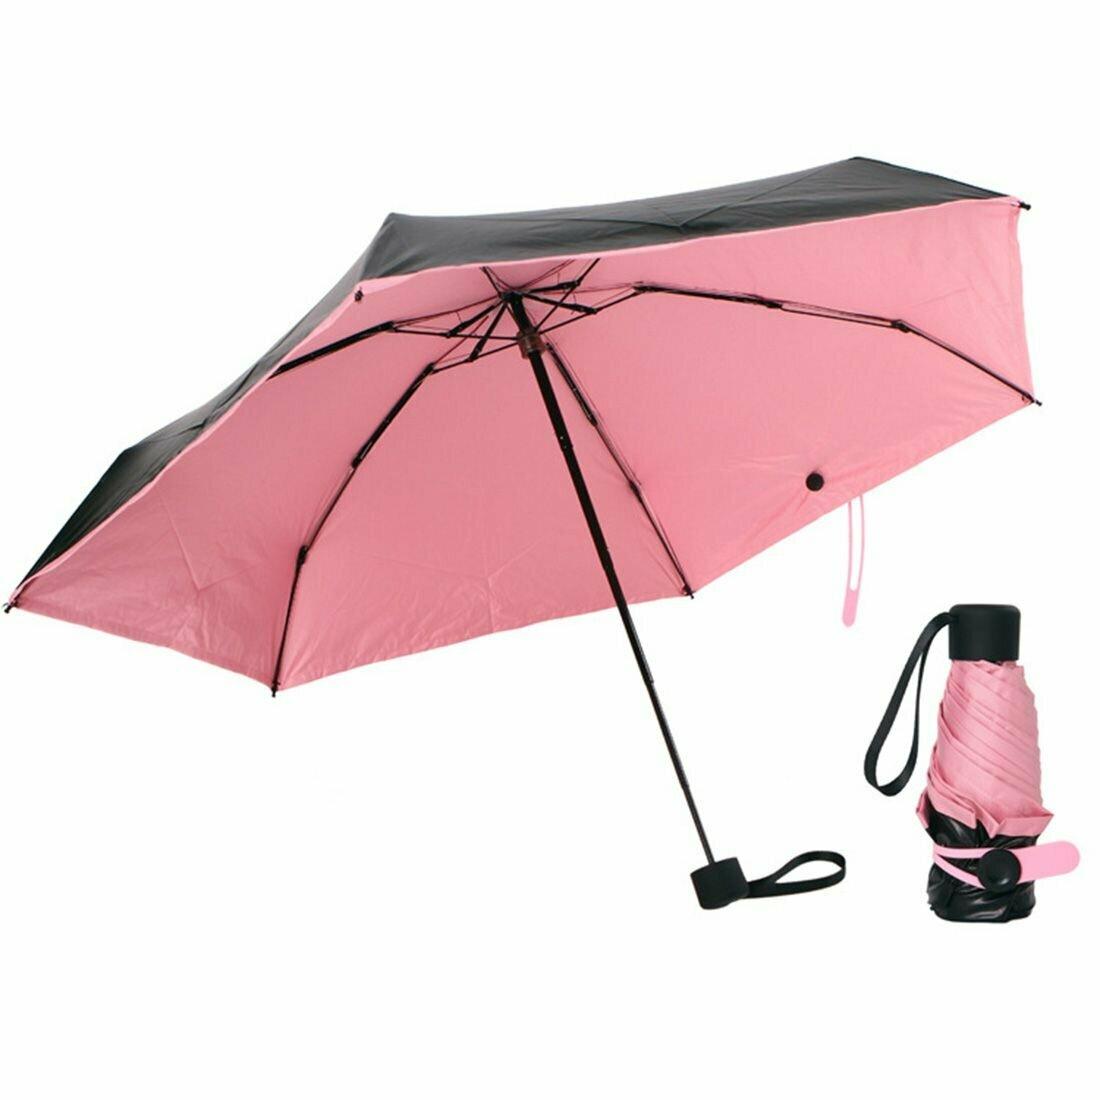 Универсальный карманный зонтик Mini Pocket Umbrella в Новосибирске